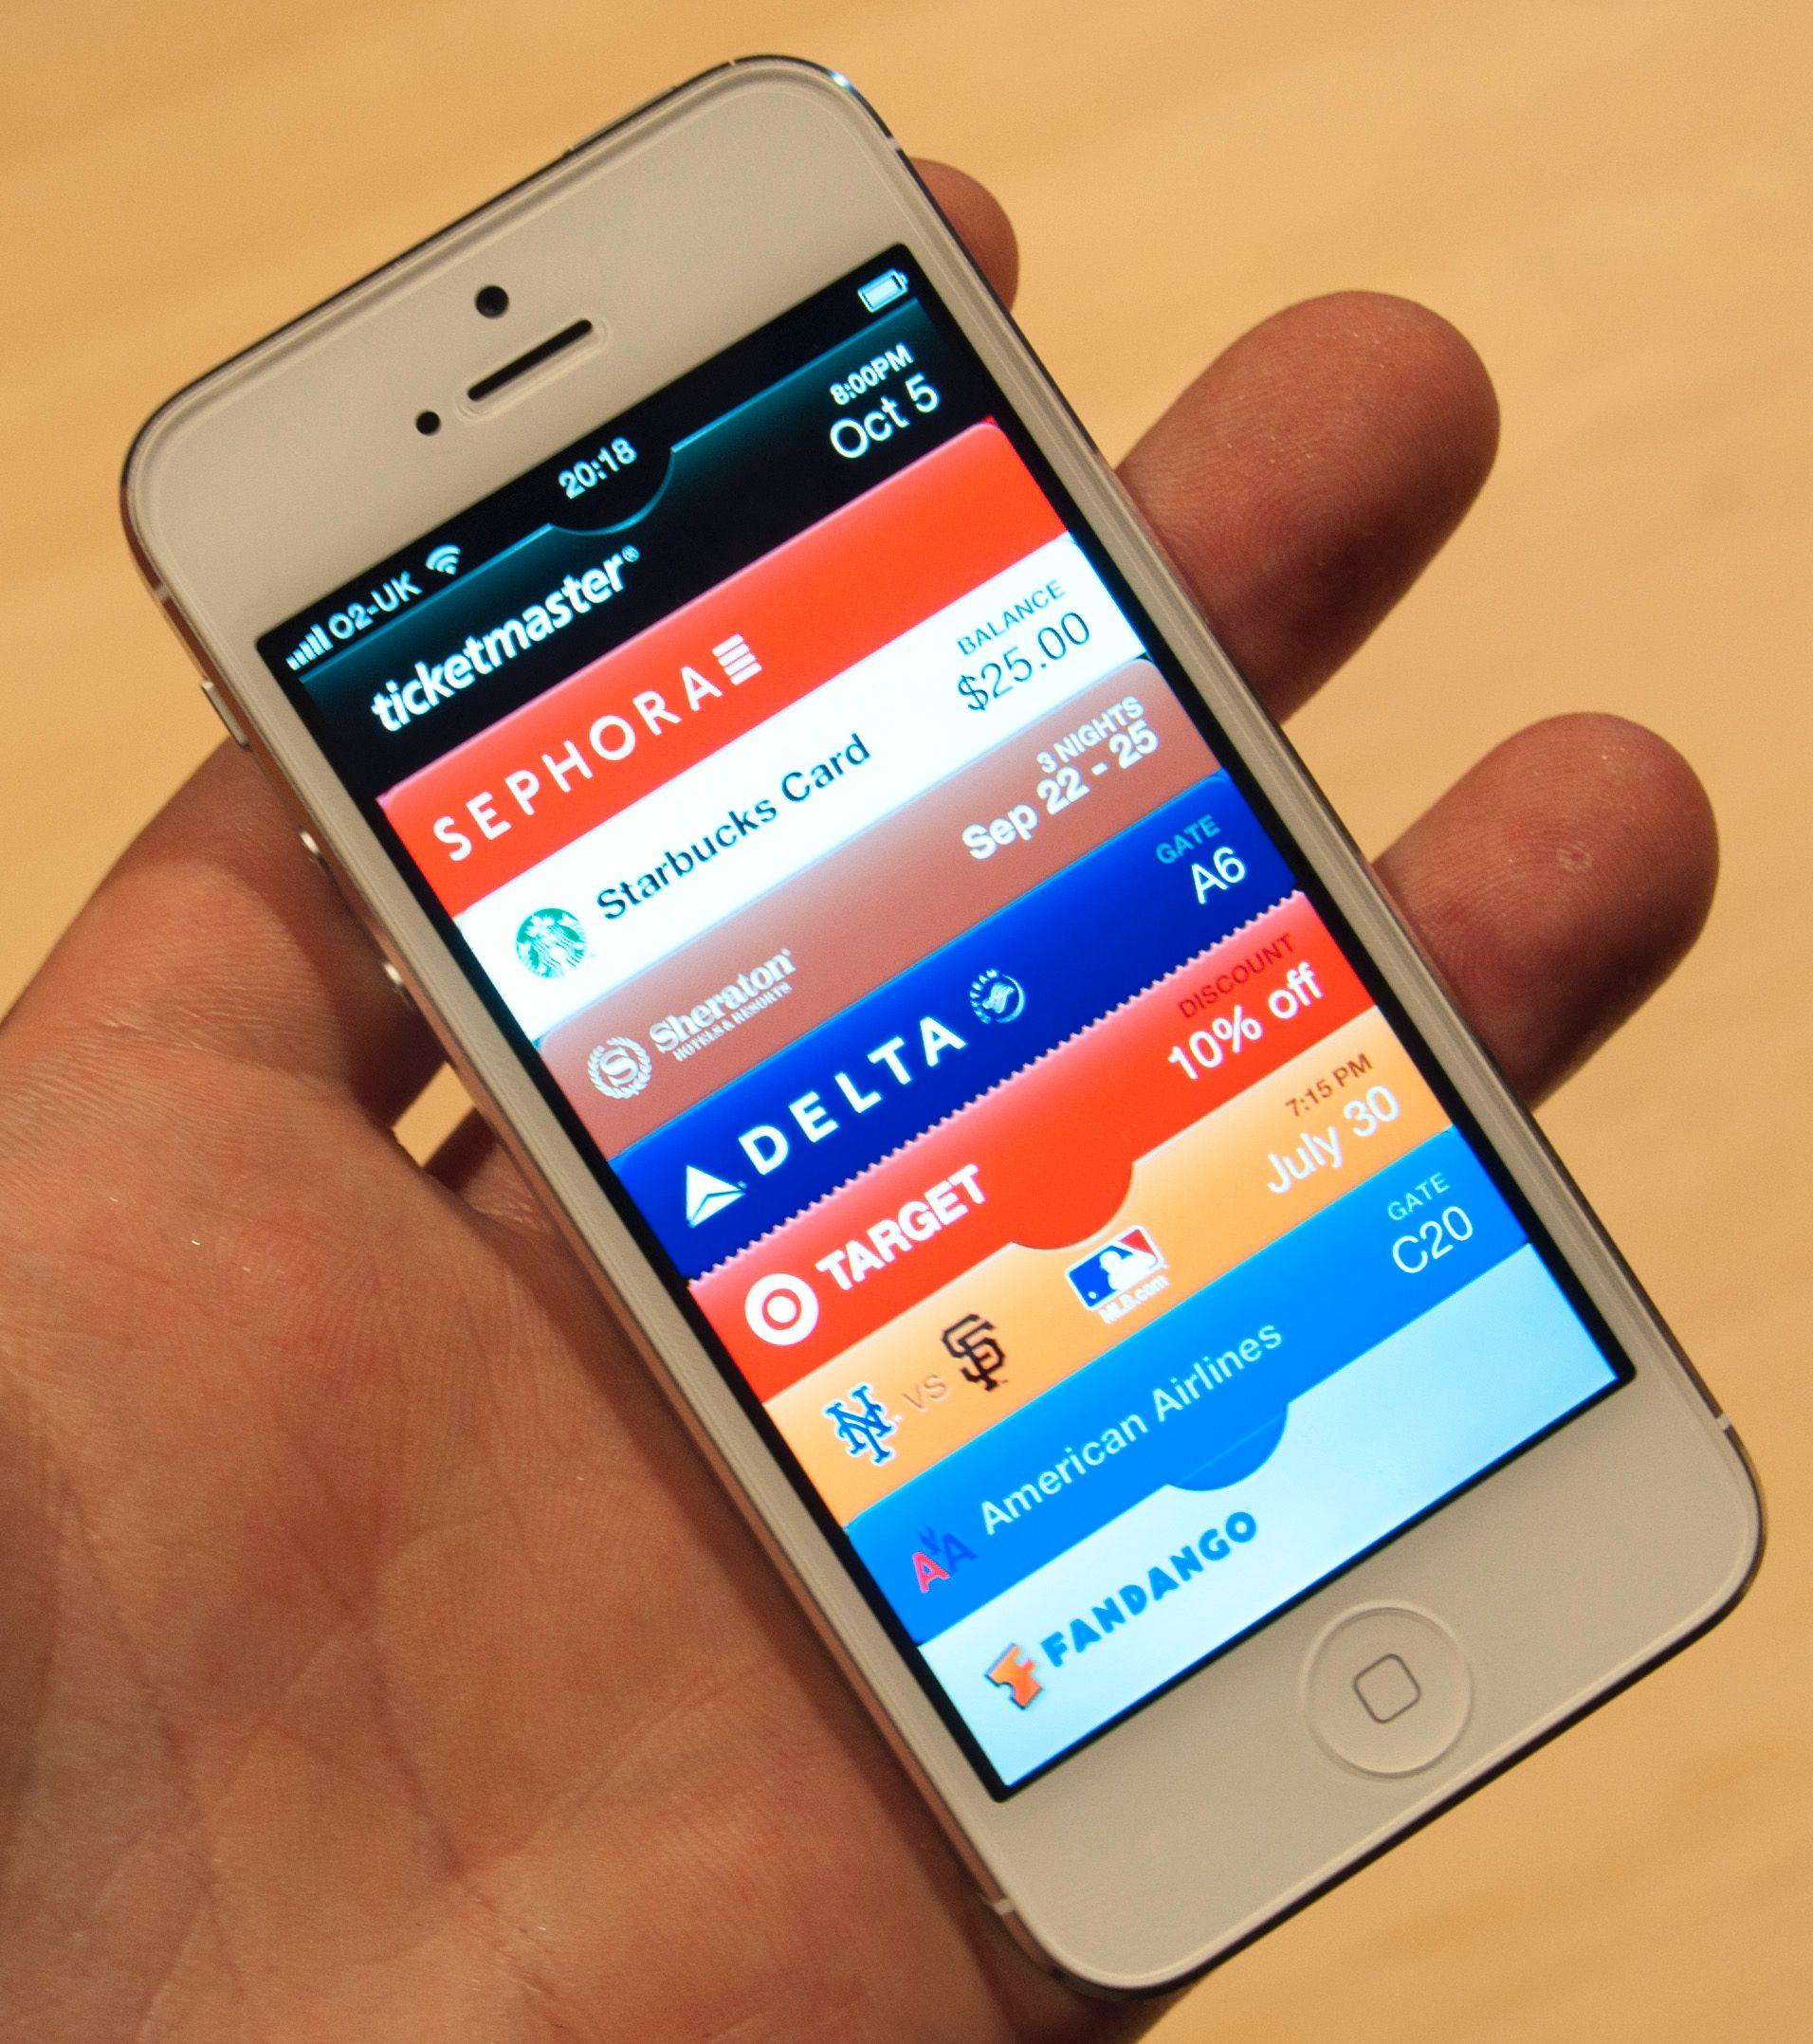 Passbook holder oversikt over billettene dine. Dersom du nærmer deg flyplassen kan telefonen automatisk hente frem boardingkortet ditt. Om funksjonen vil virke i Norge er ukjent.